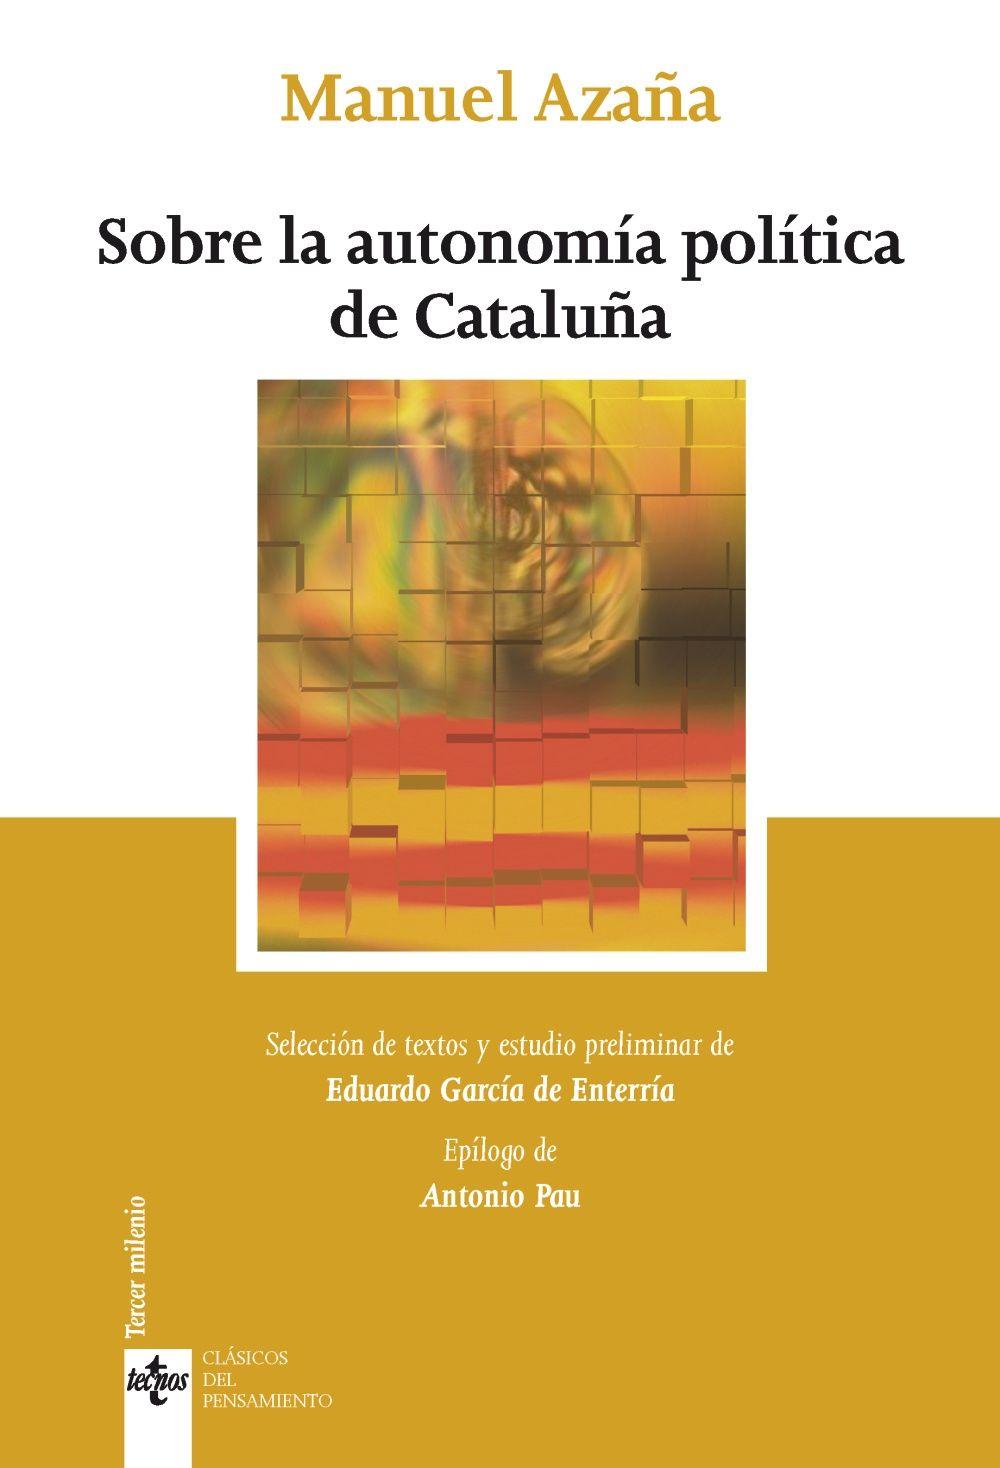 SOBRE LA AUTONOMIA POLITICA DE CATALUNYA